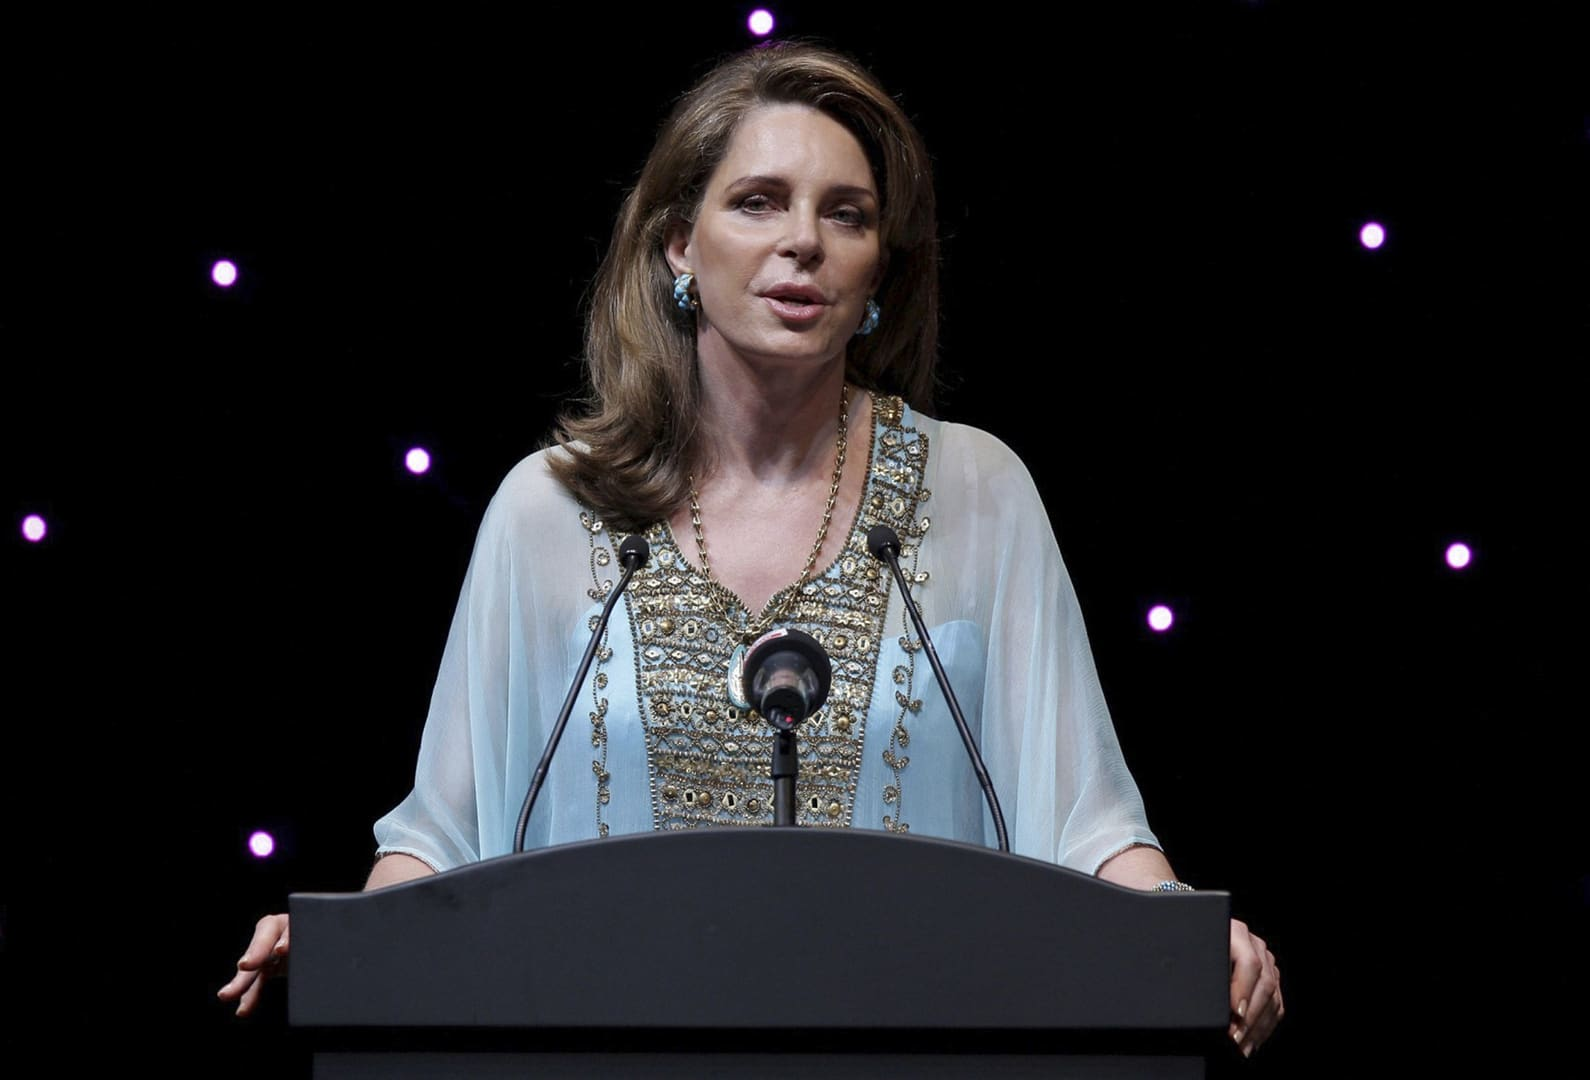 الملكة نور الحسين ماذا يحدث في الأردن